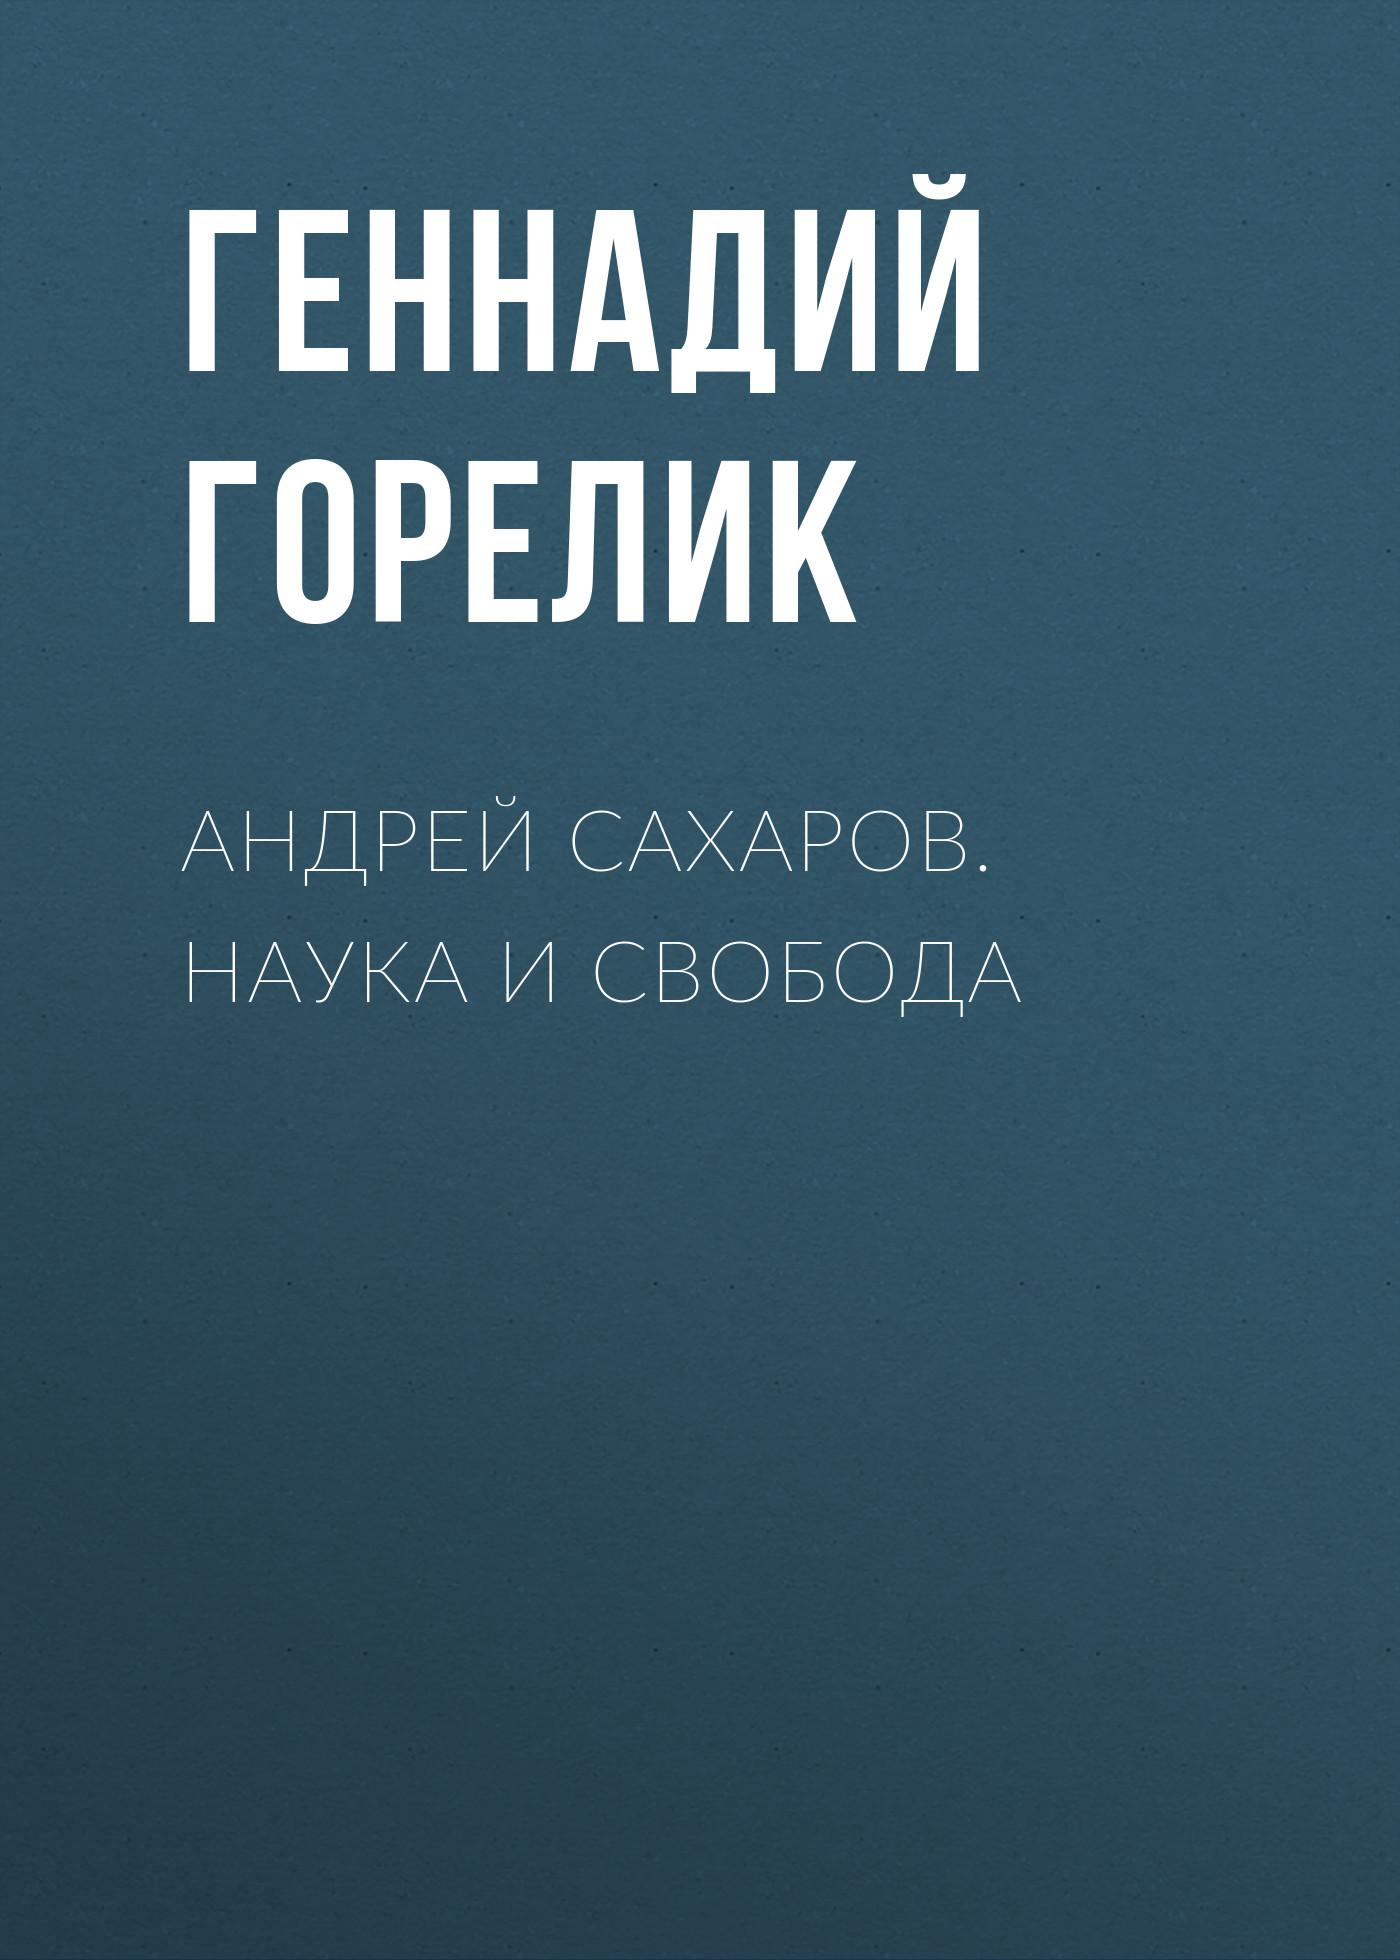 Андрей Сахаров. Наука и Свобода